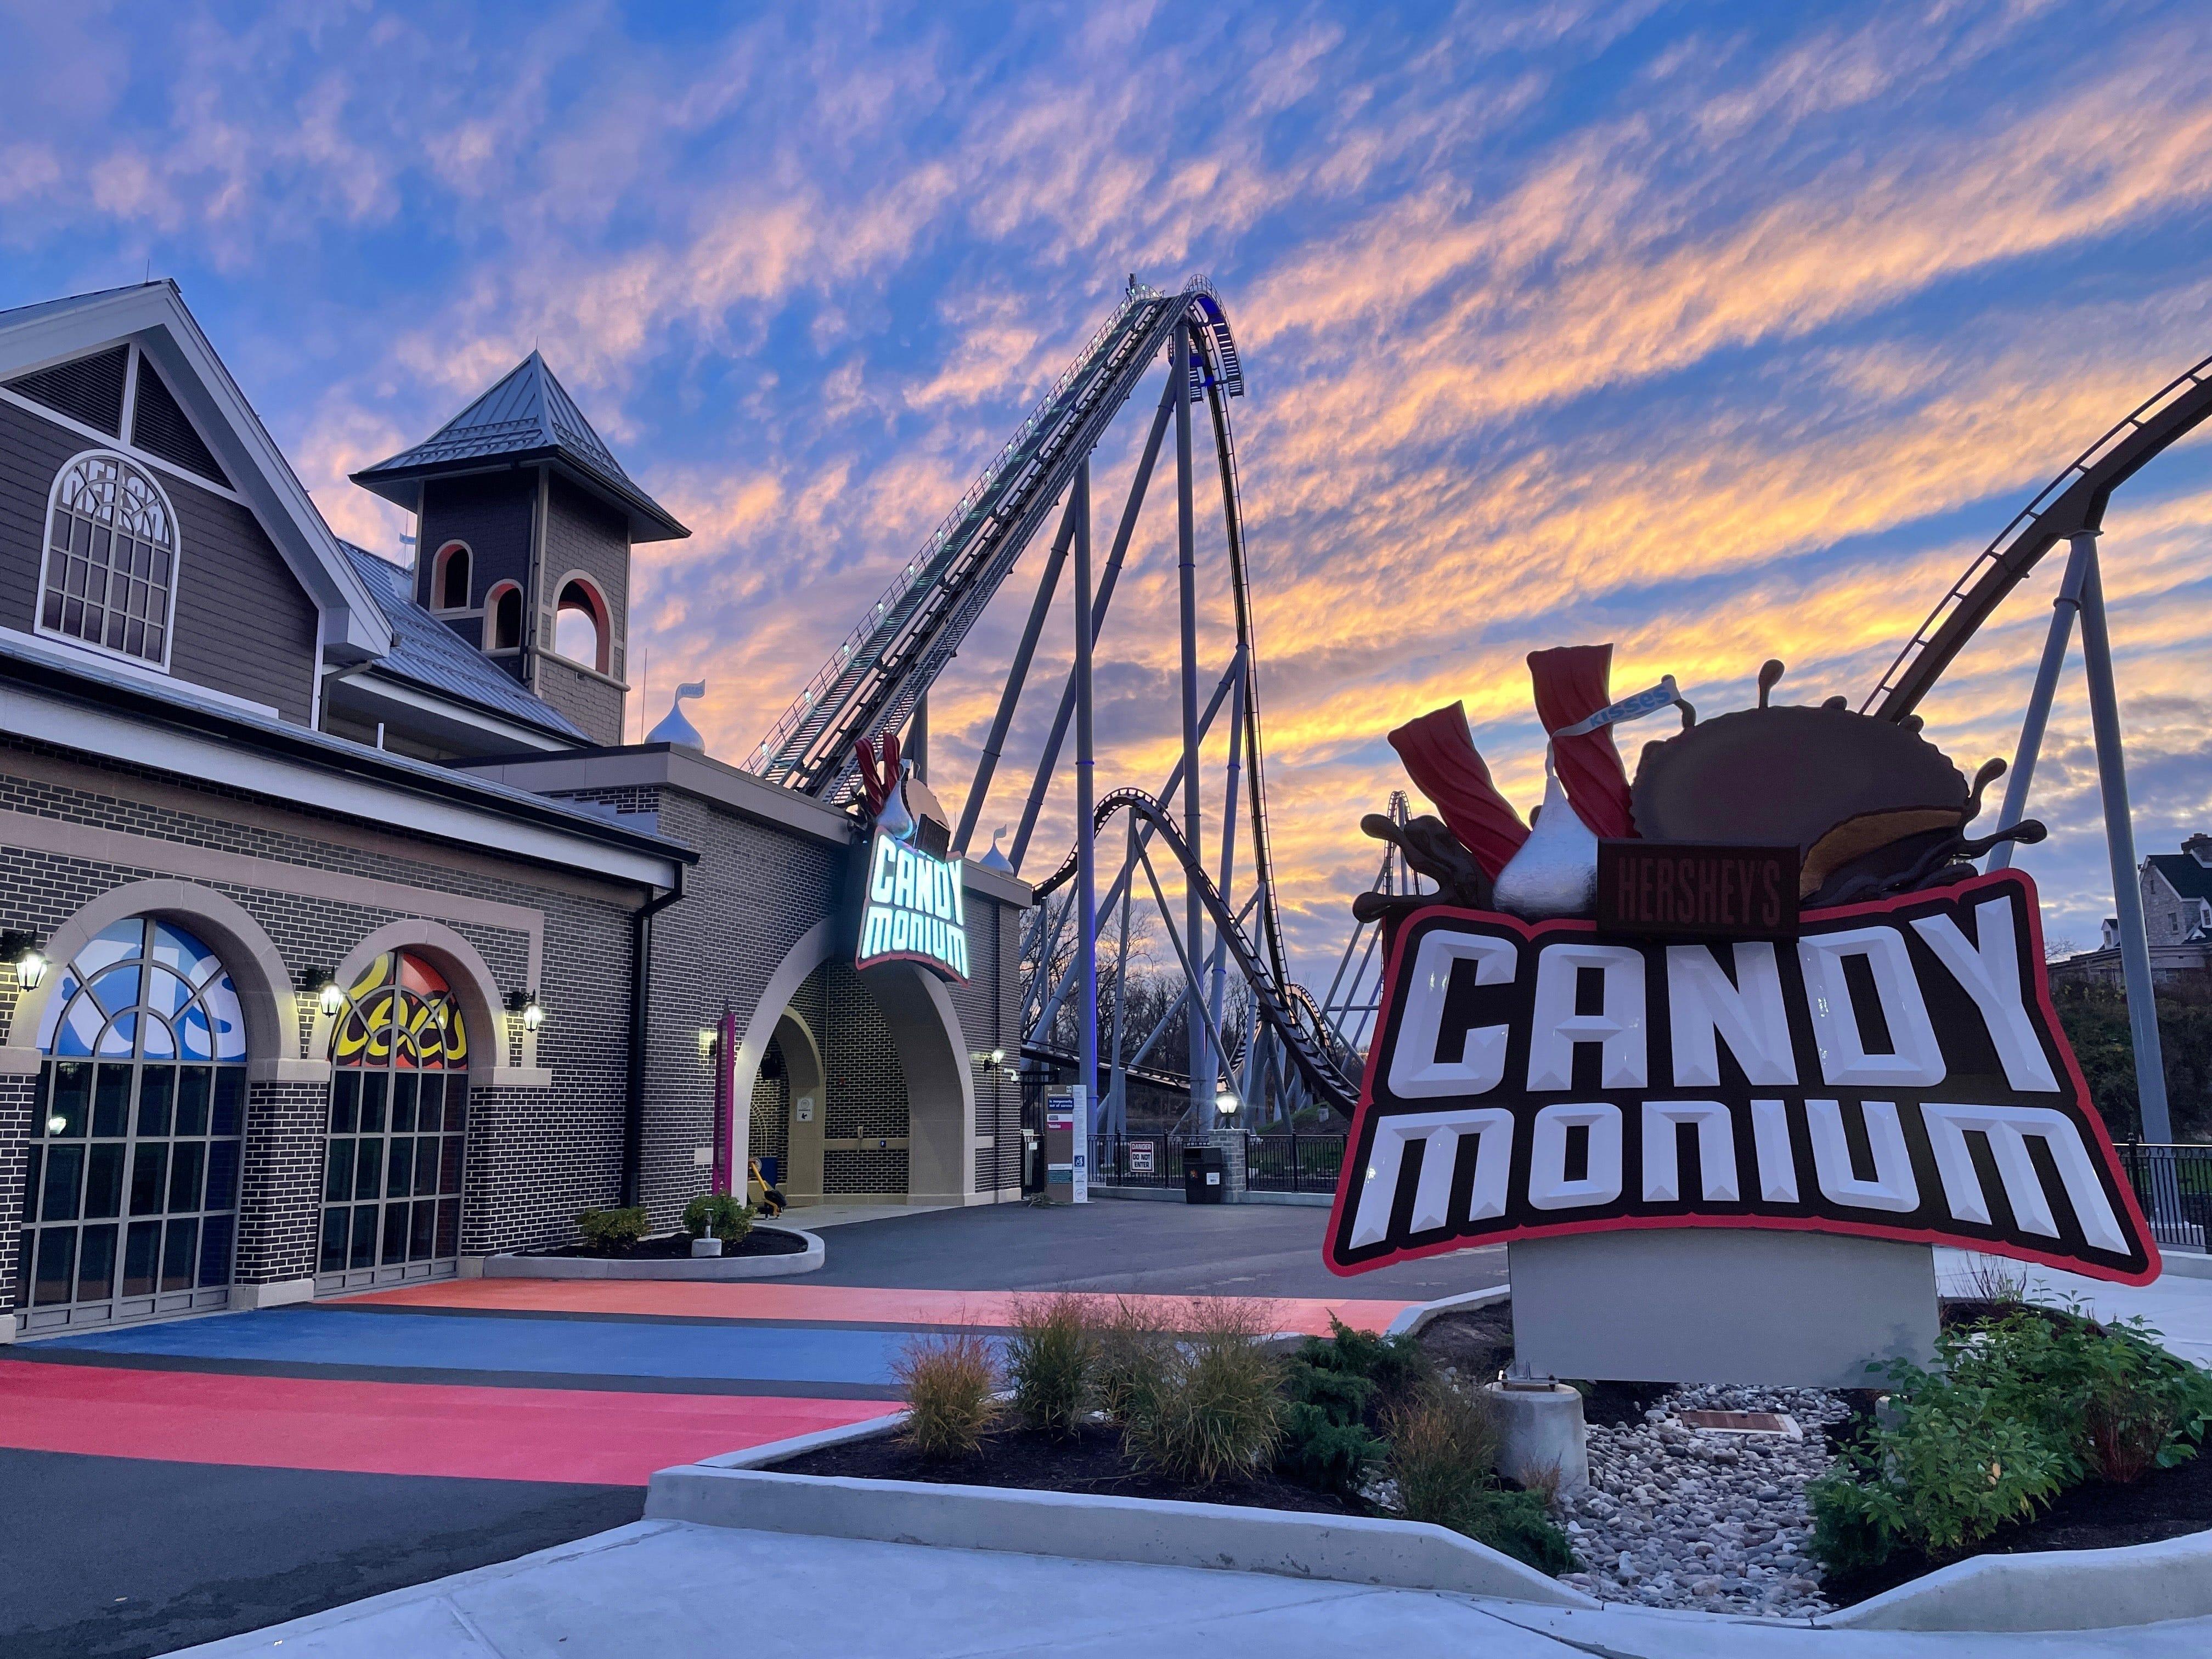 Candymonium at Hersheypark in Hershey, Pennsylvania.